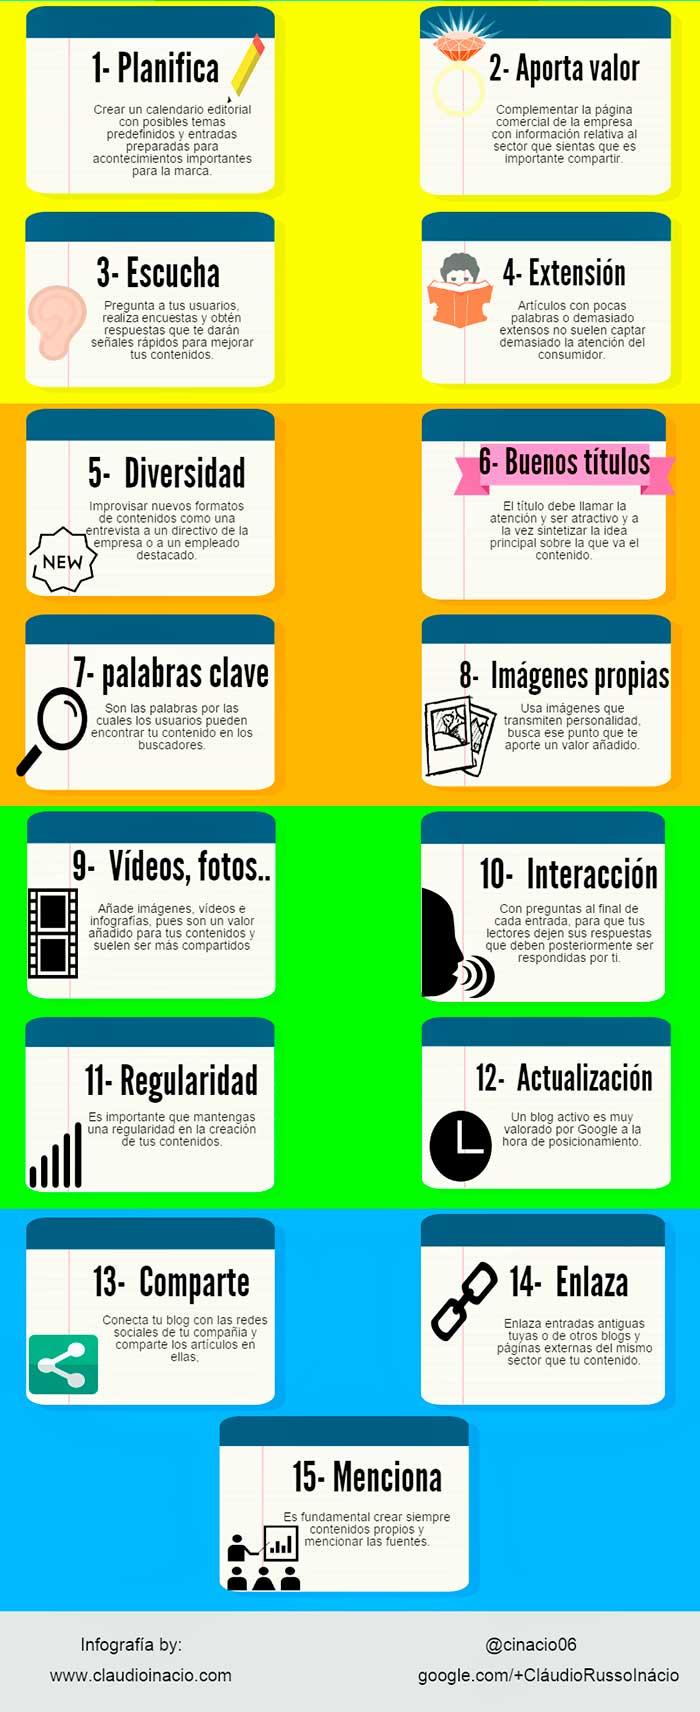 Imagen de la infografia sobre los consejos para un buen contenido en un blog corporativo